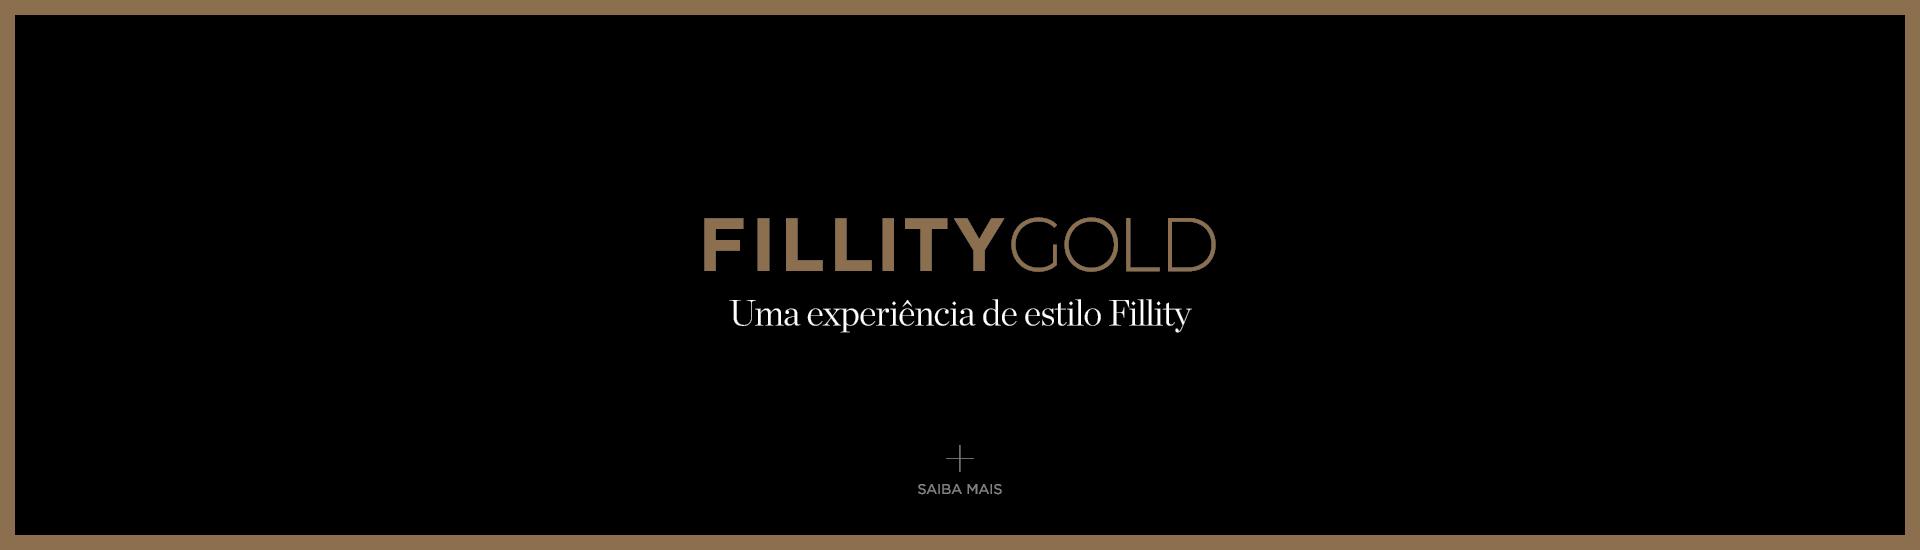 fillitygold_desk